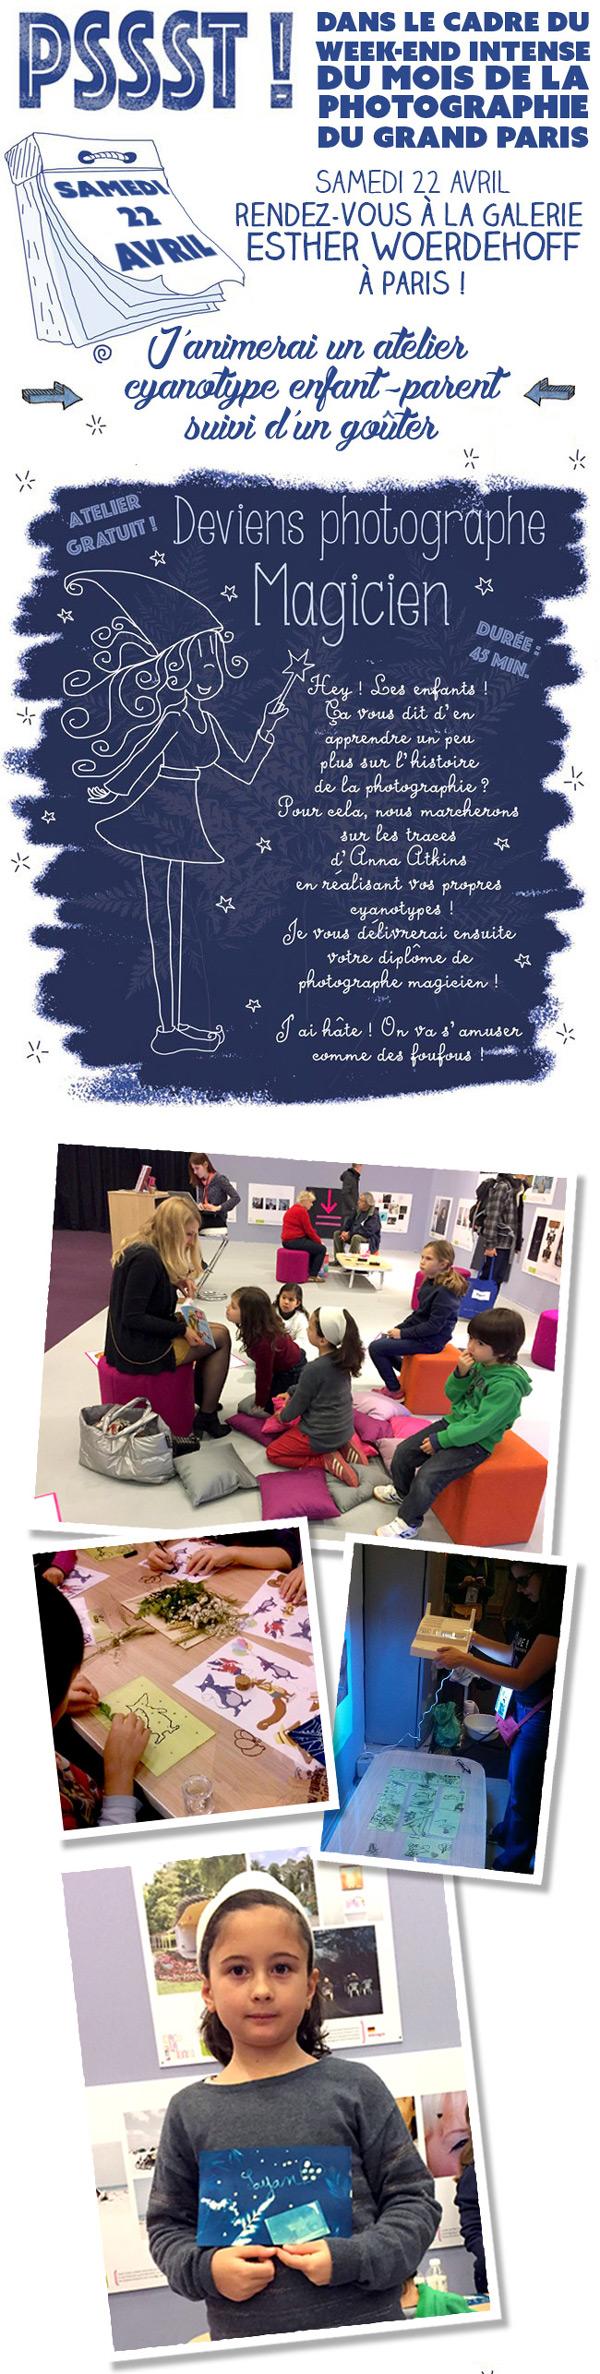 Atelier Cyanotype pour enfants à Paris - activité gratuite - mois de la photographie - grand paris - Galerie Esther Woerdehoff